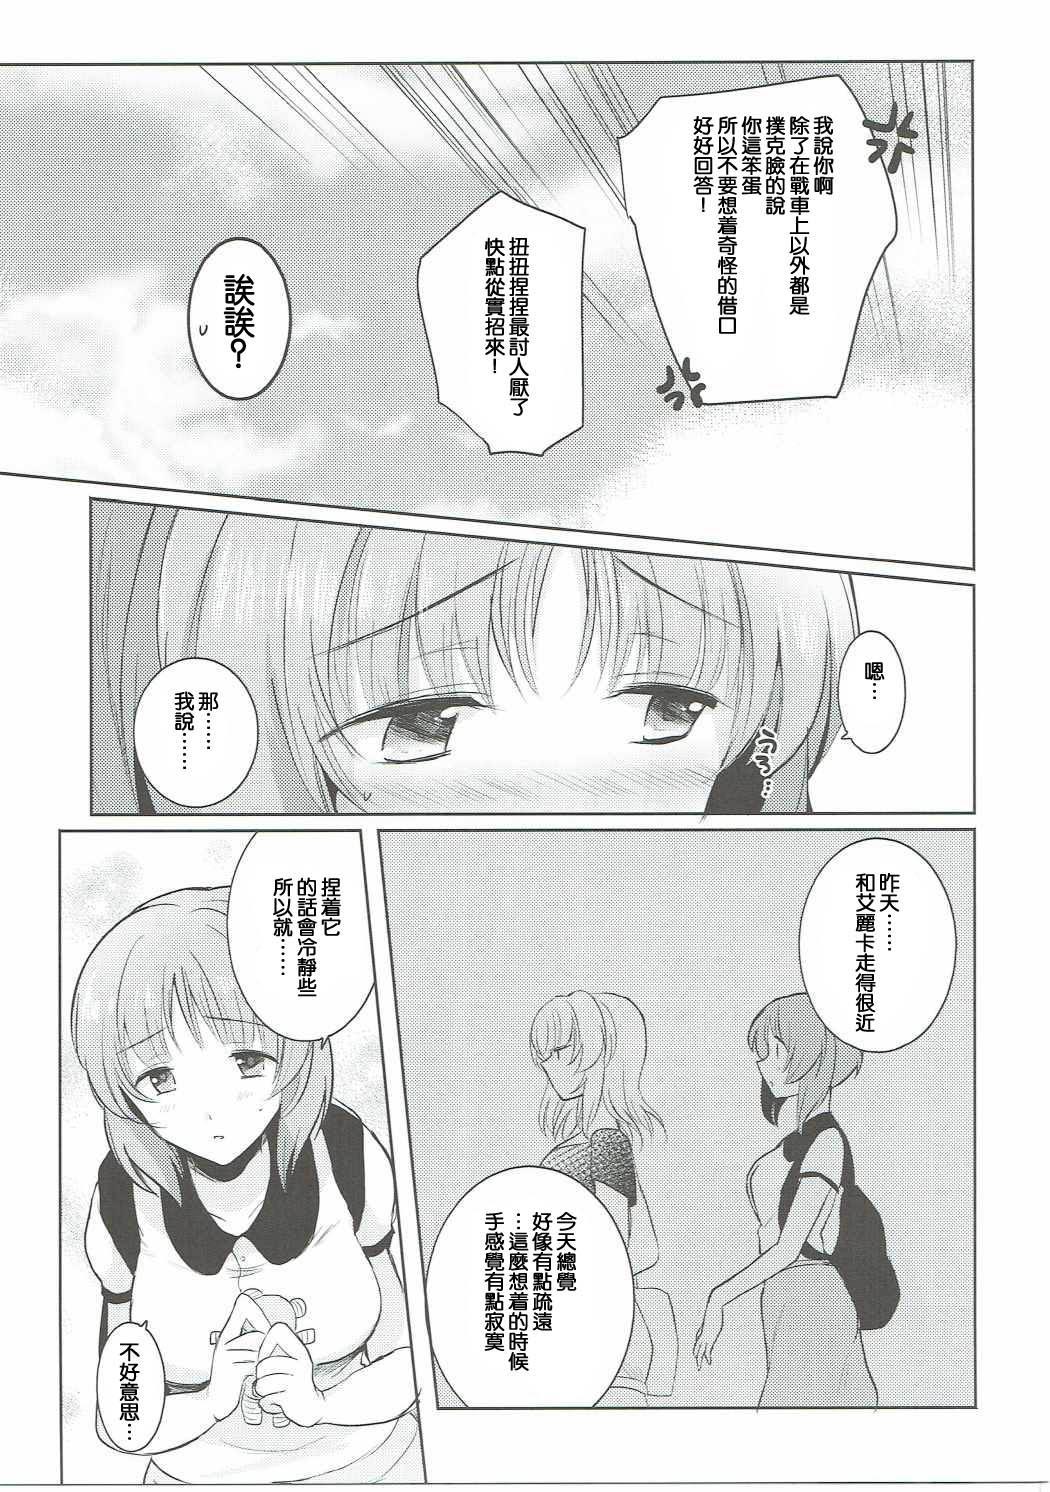 Futarikiri no Natsu 36